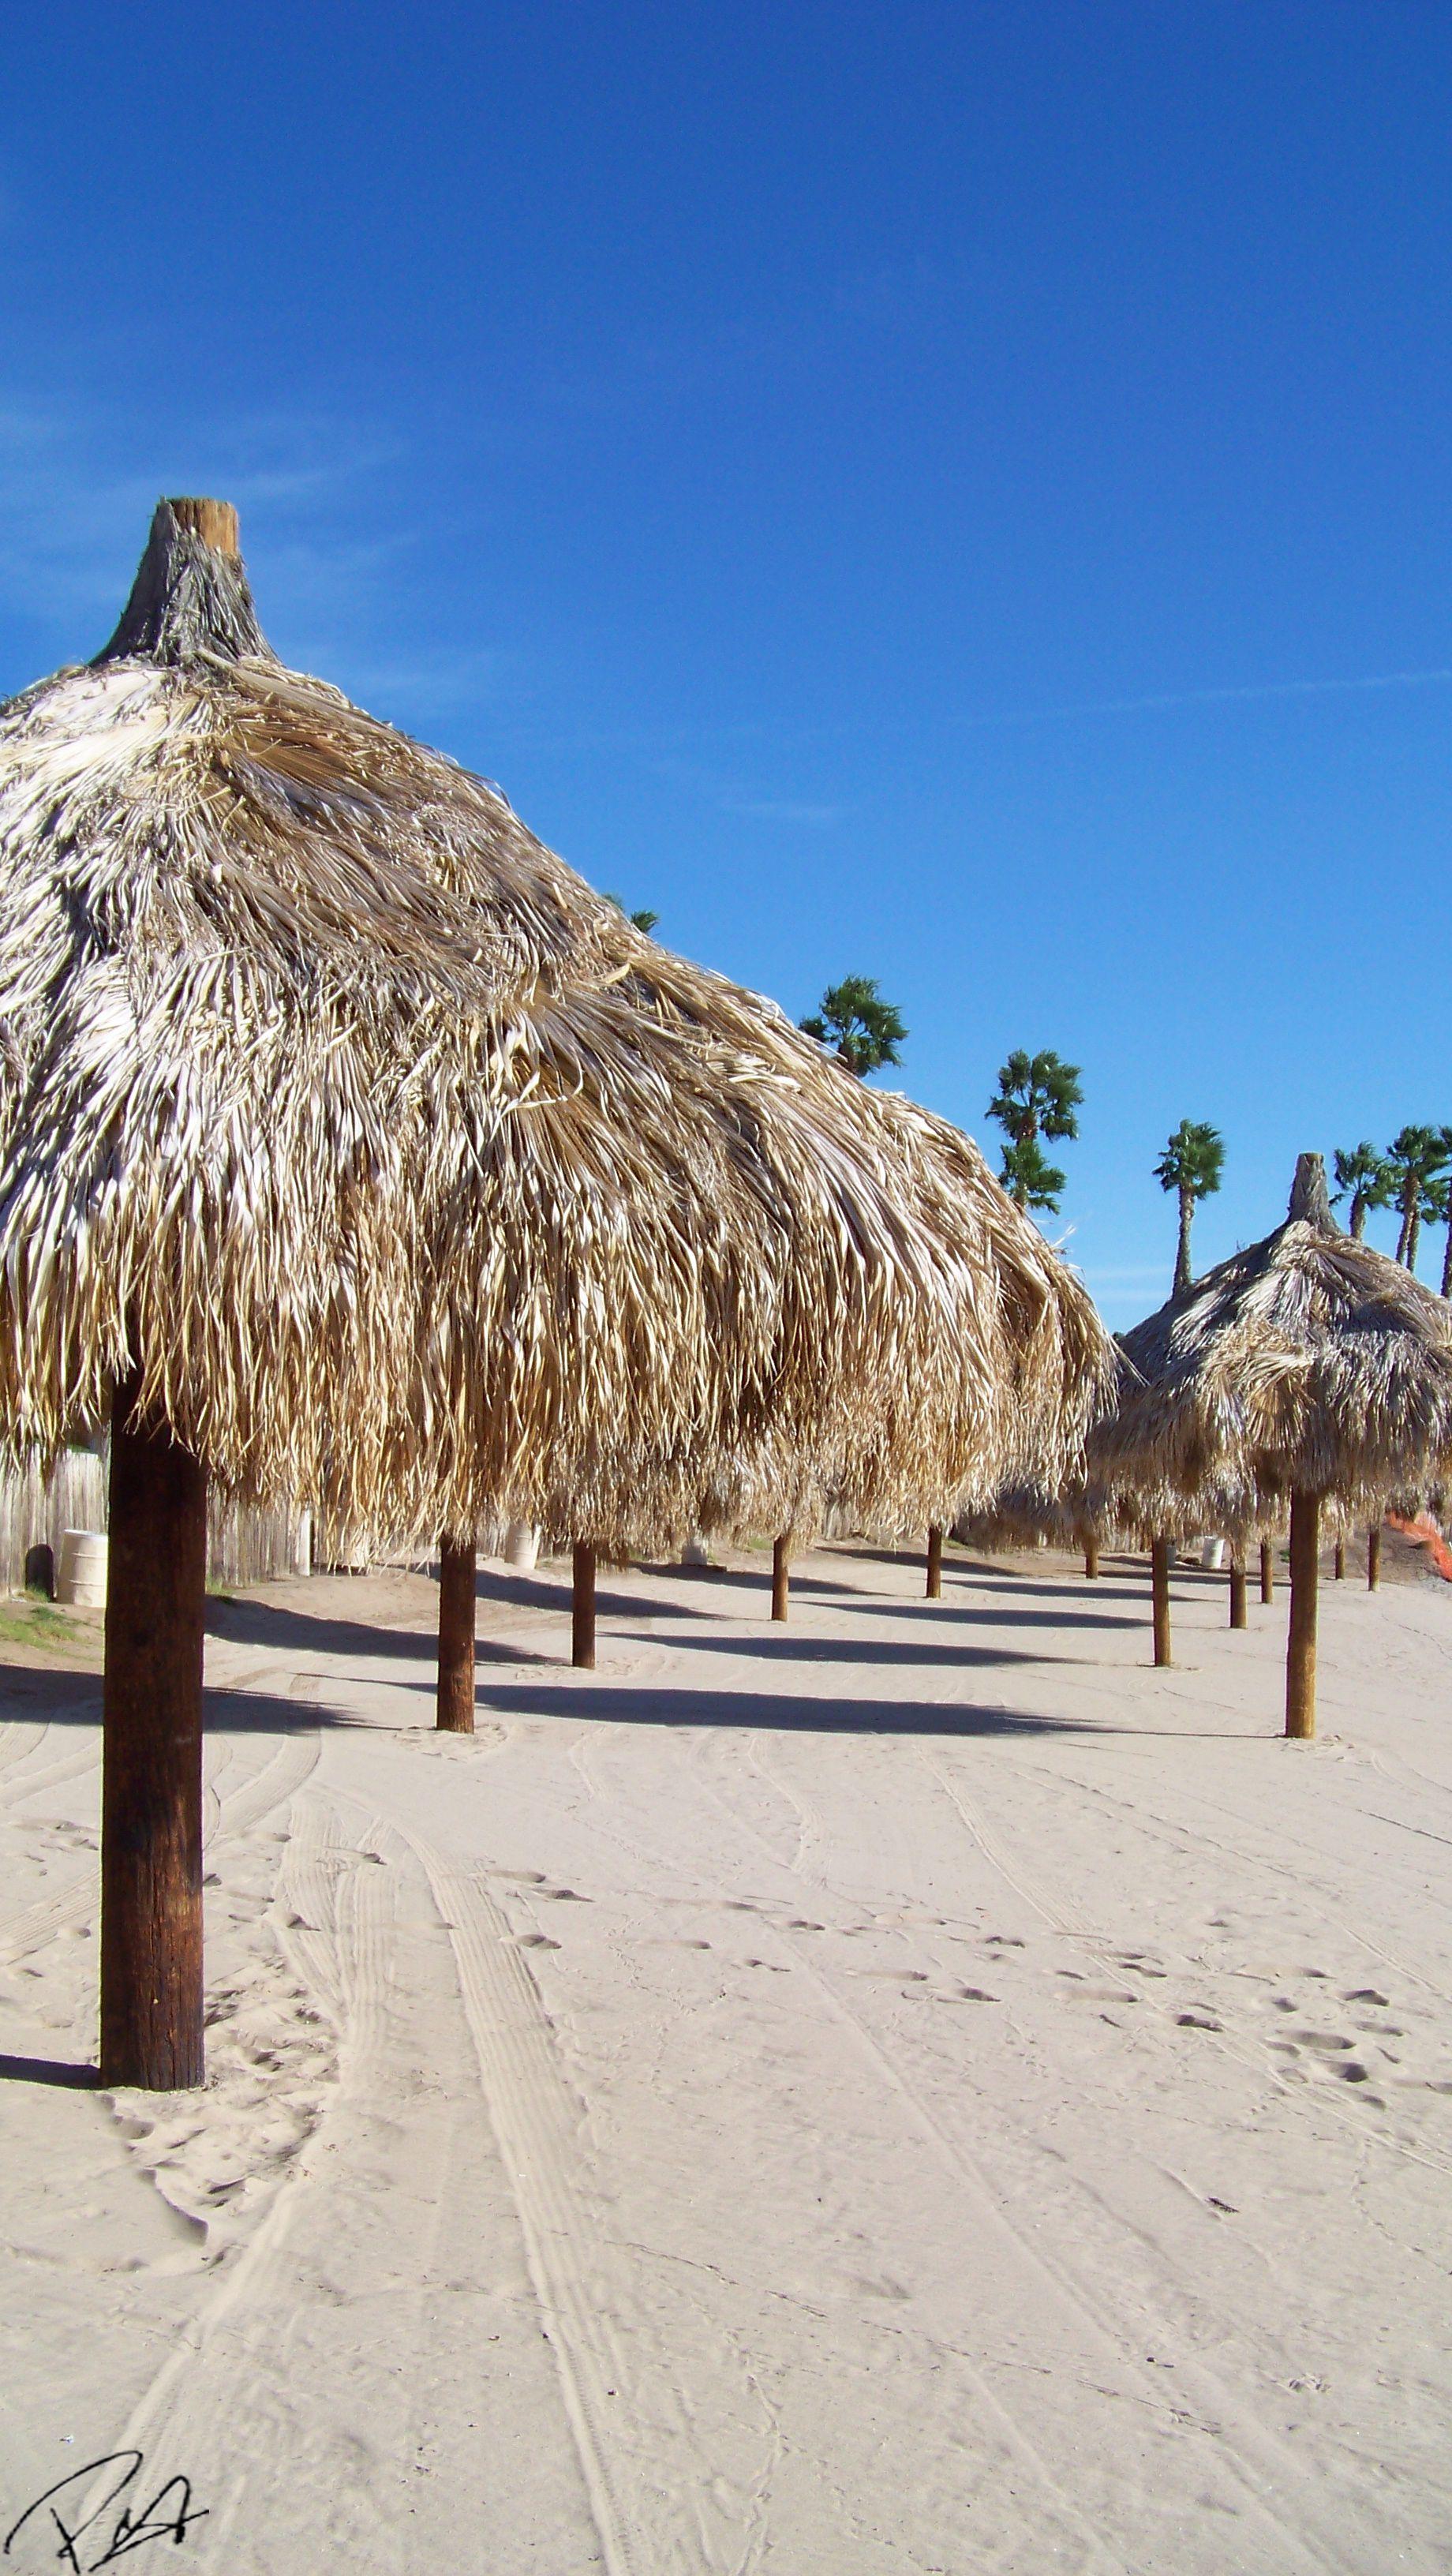 Private Beach Avi Laughlin Nv Kodak Z812 Is